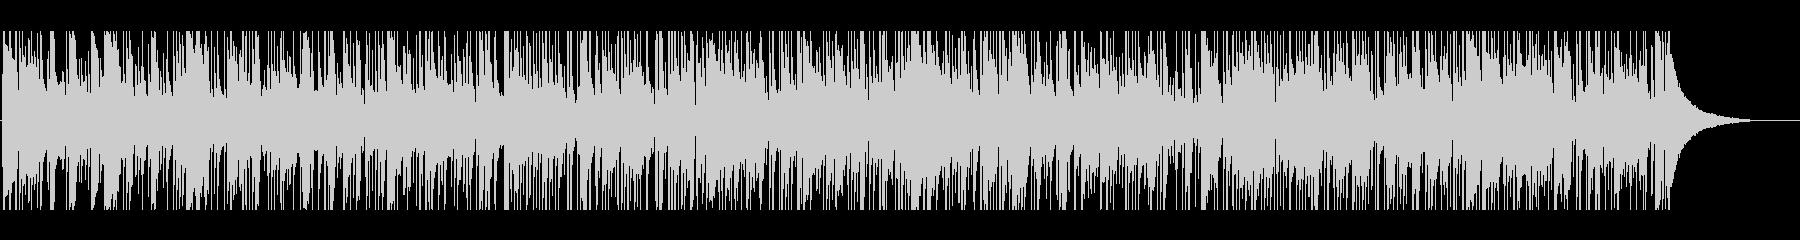 ほのぼのマンドリンのフォークBGMの未再生の波形